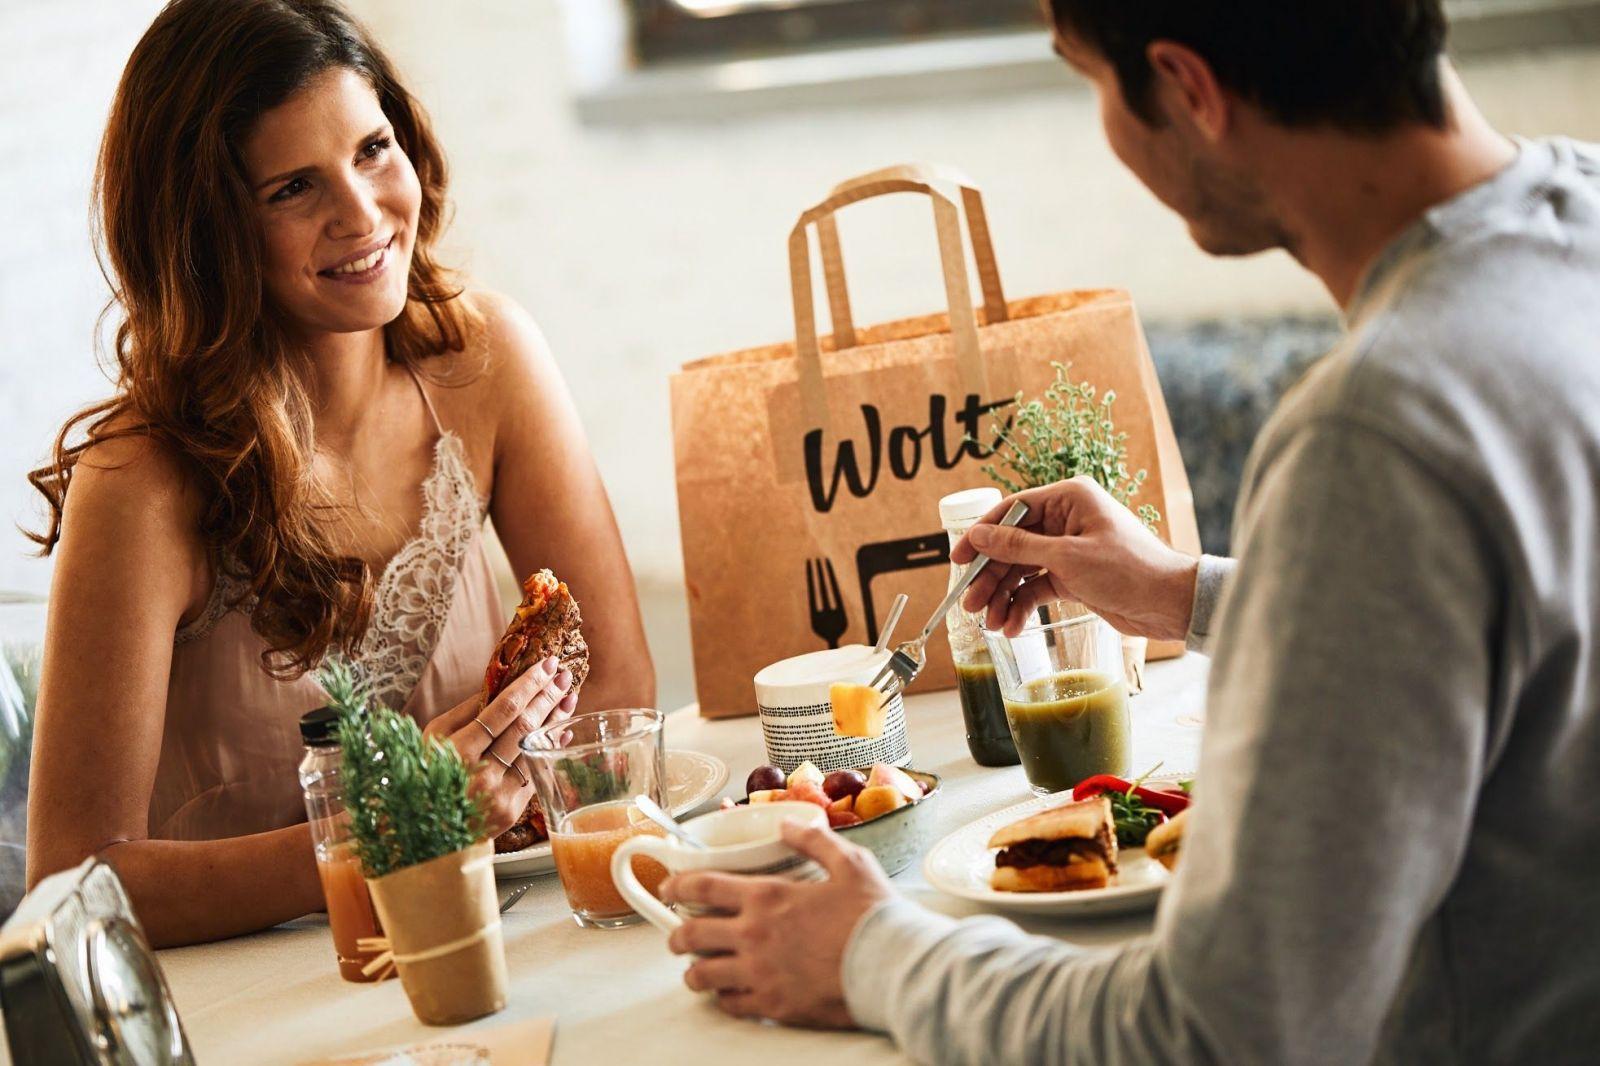 Mobilní aplikace Wolt dobývá Česko. Rozvoz jídla je díky ní etický i rychlý